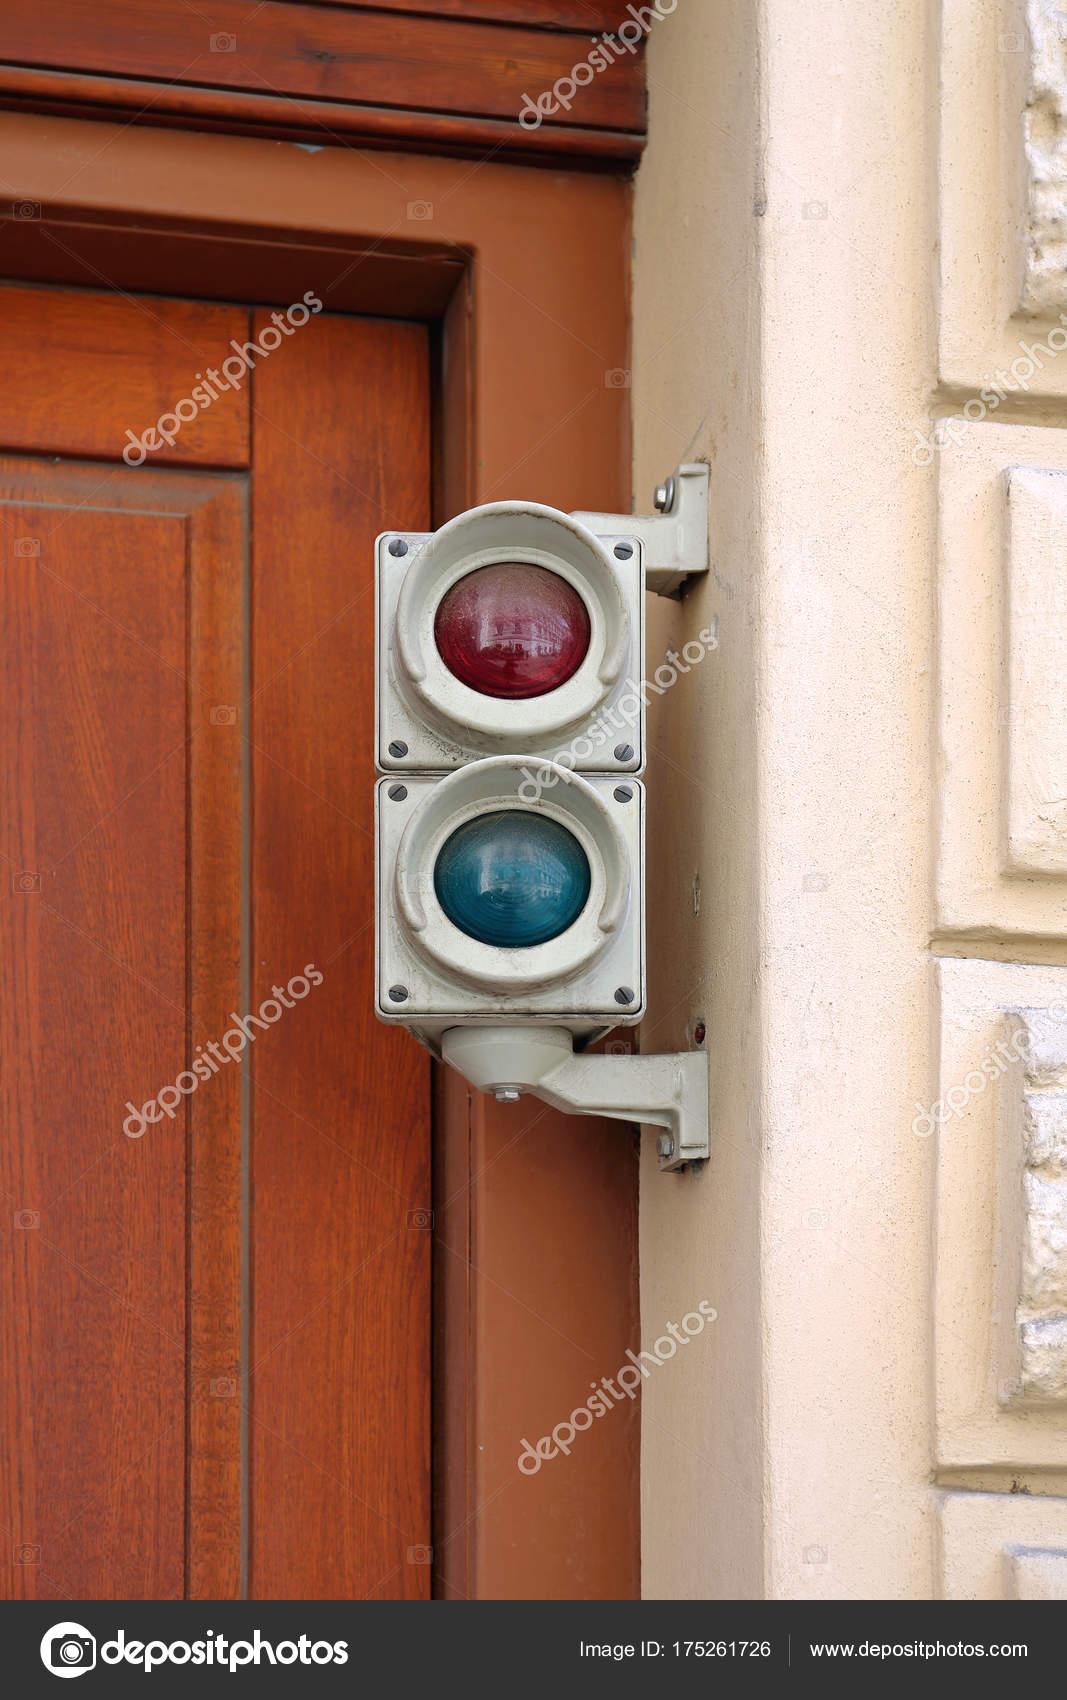 Ampel Garage Stockfoto C Baloncici 175261726